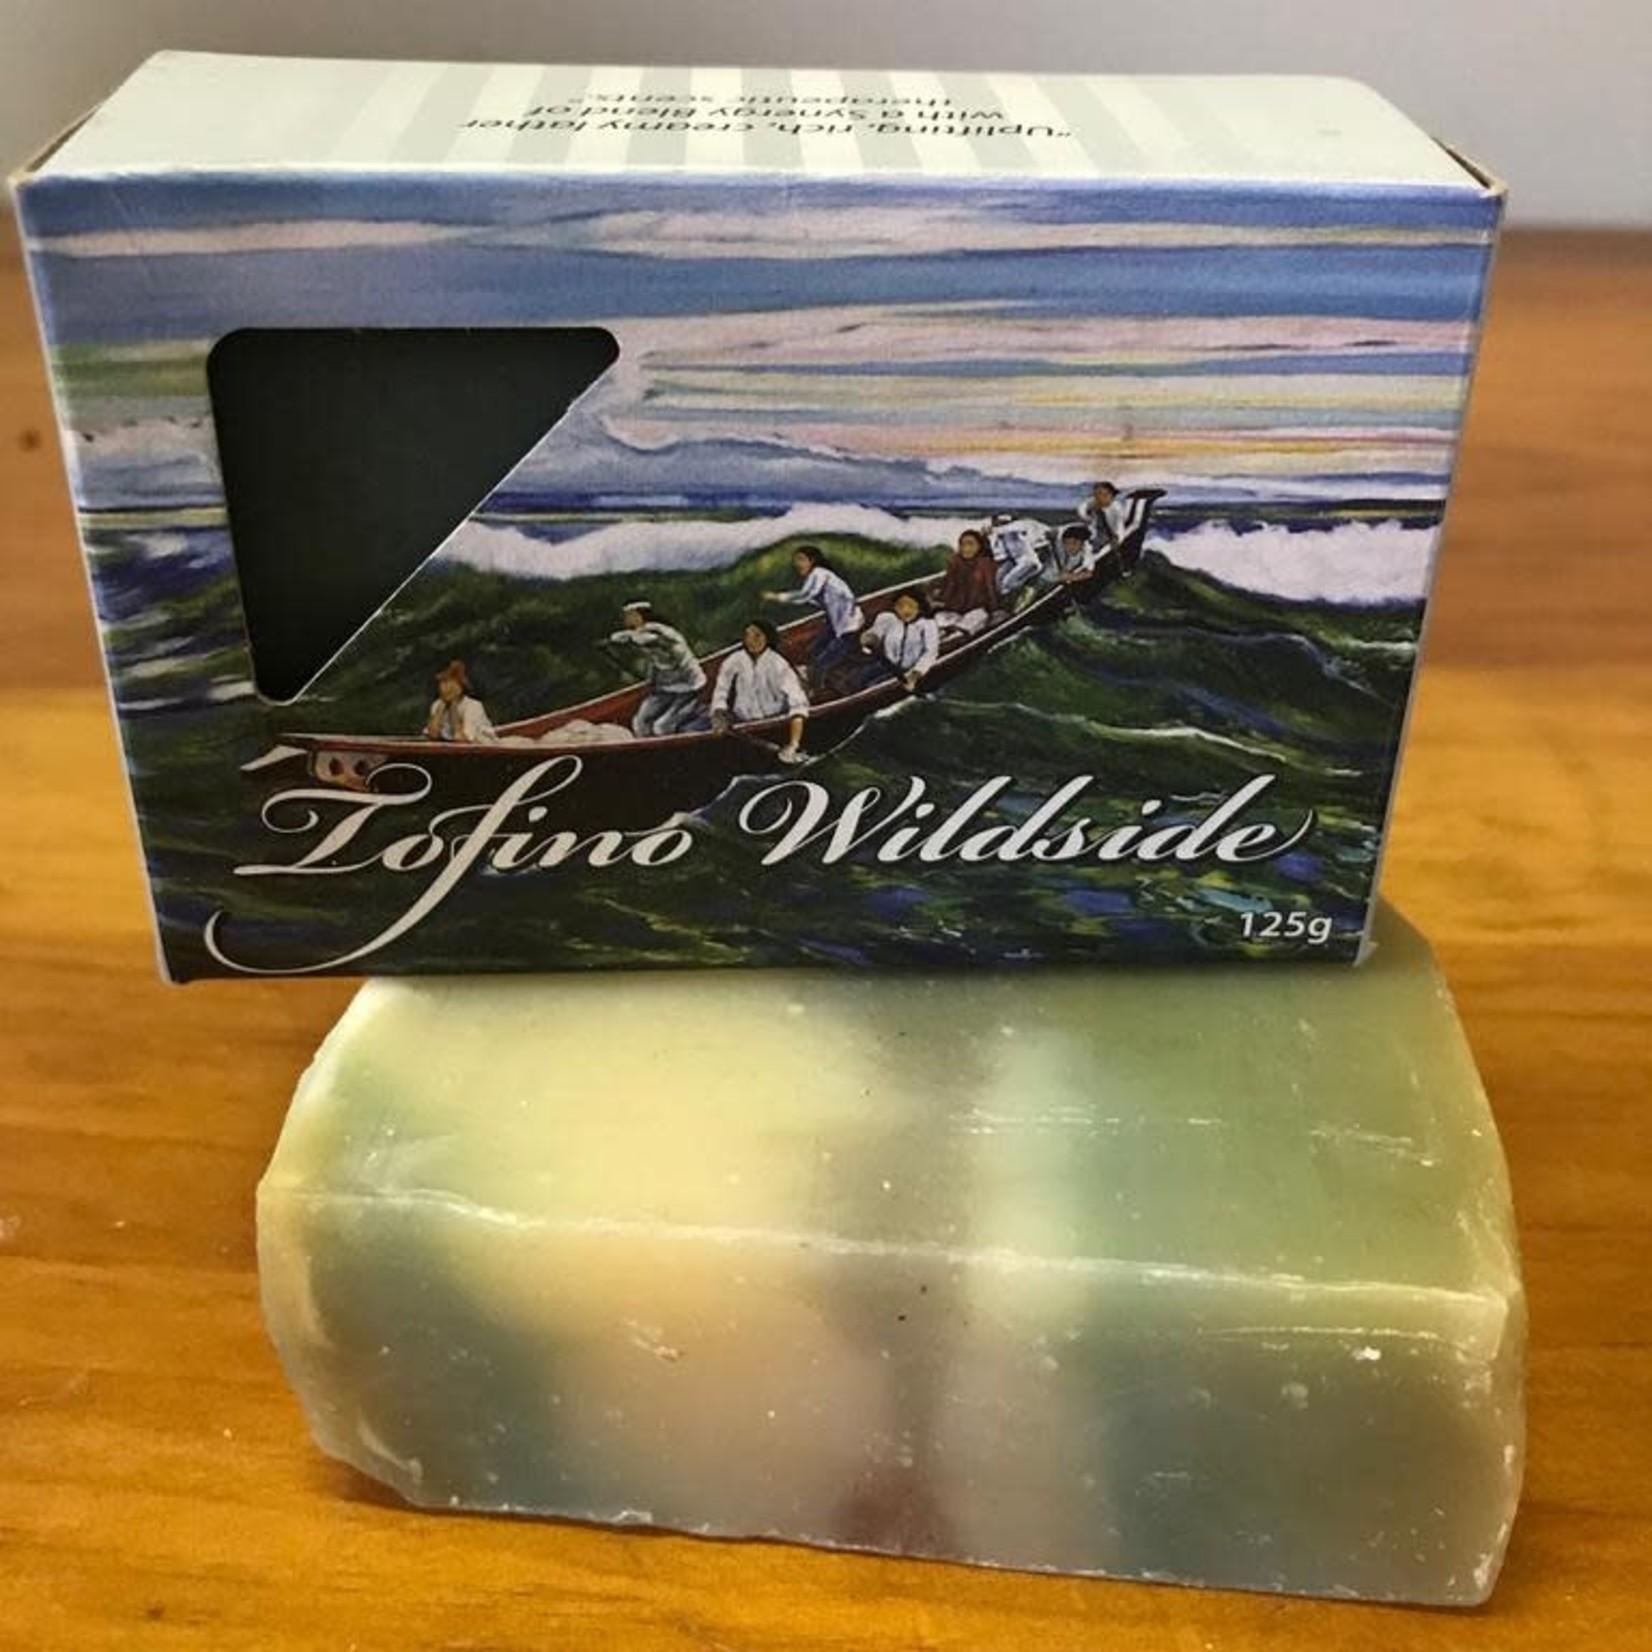 Sea Wench Tofino Wildside Soap